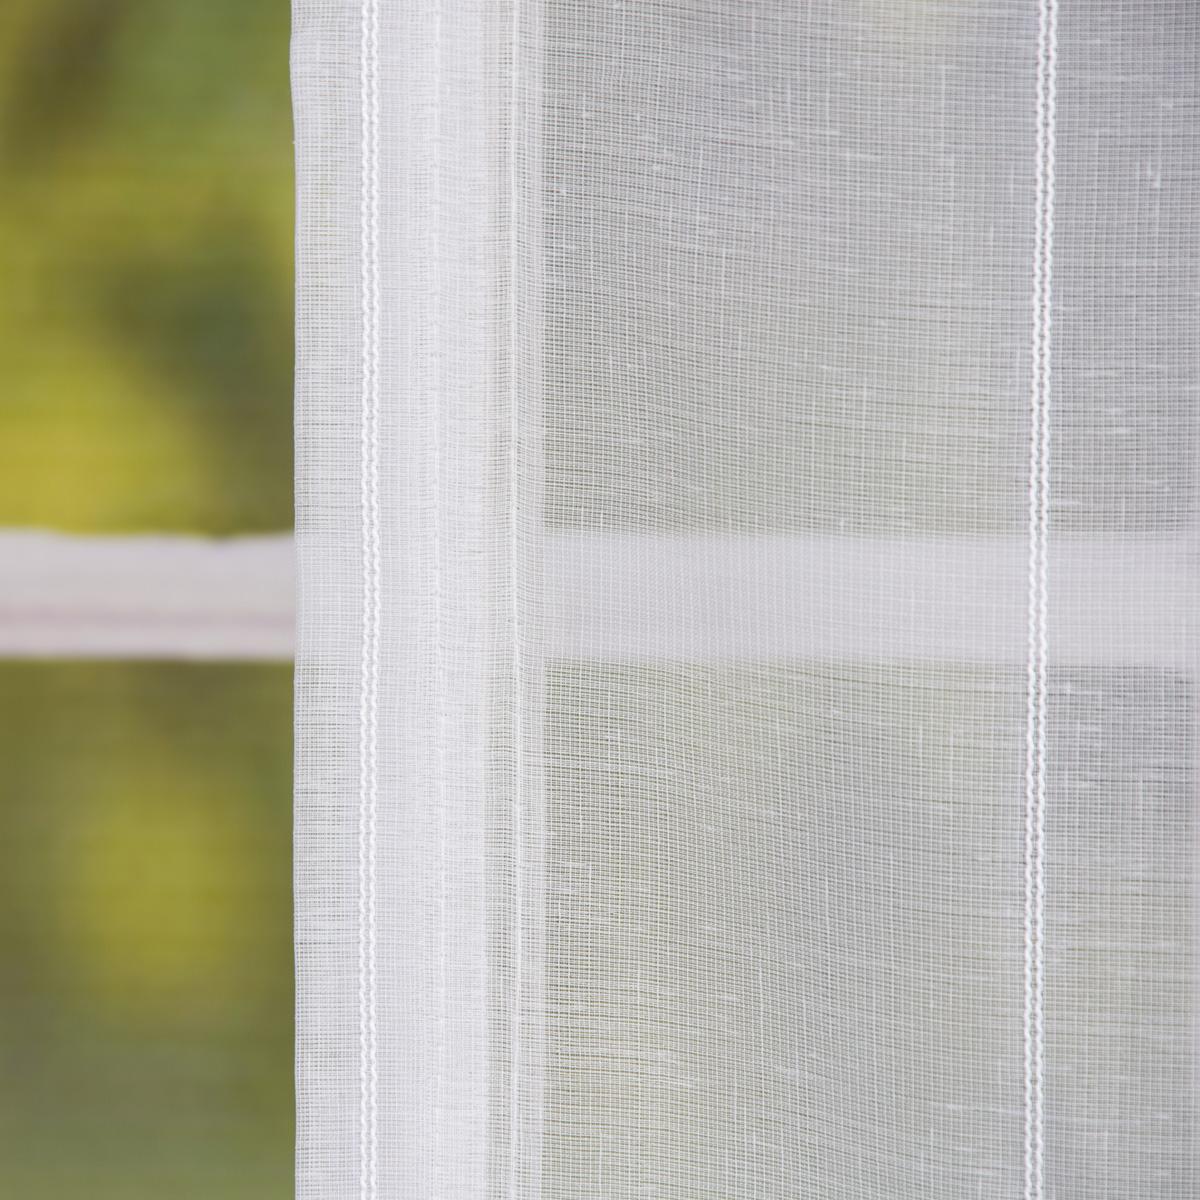 Raffrollo Rollo Schlaufen weiß transparent mit Streifen 80x140cm   eBay